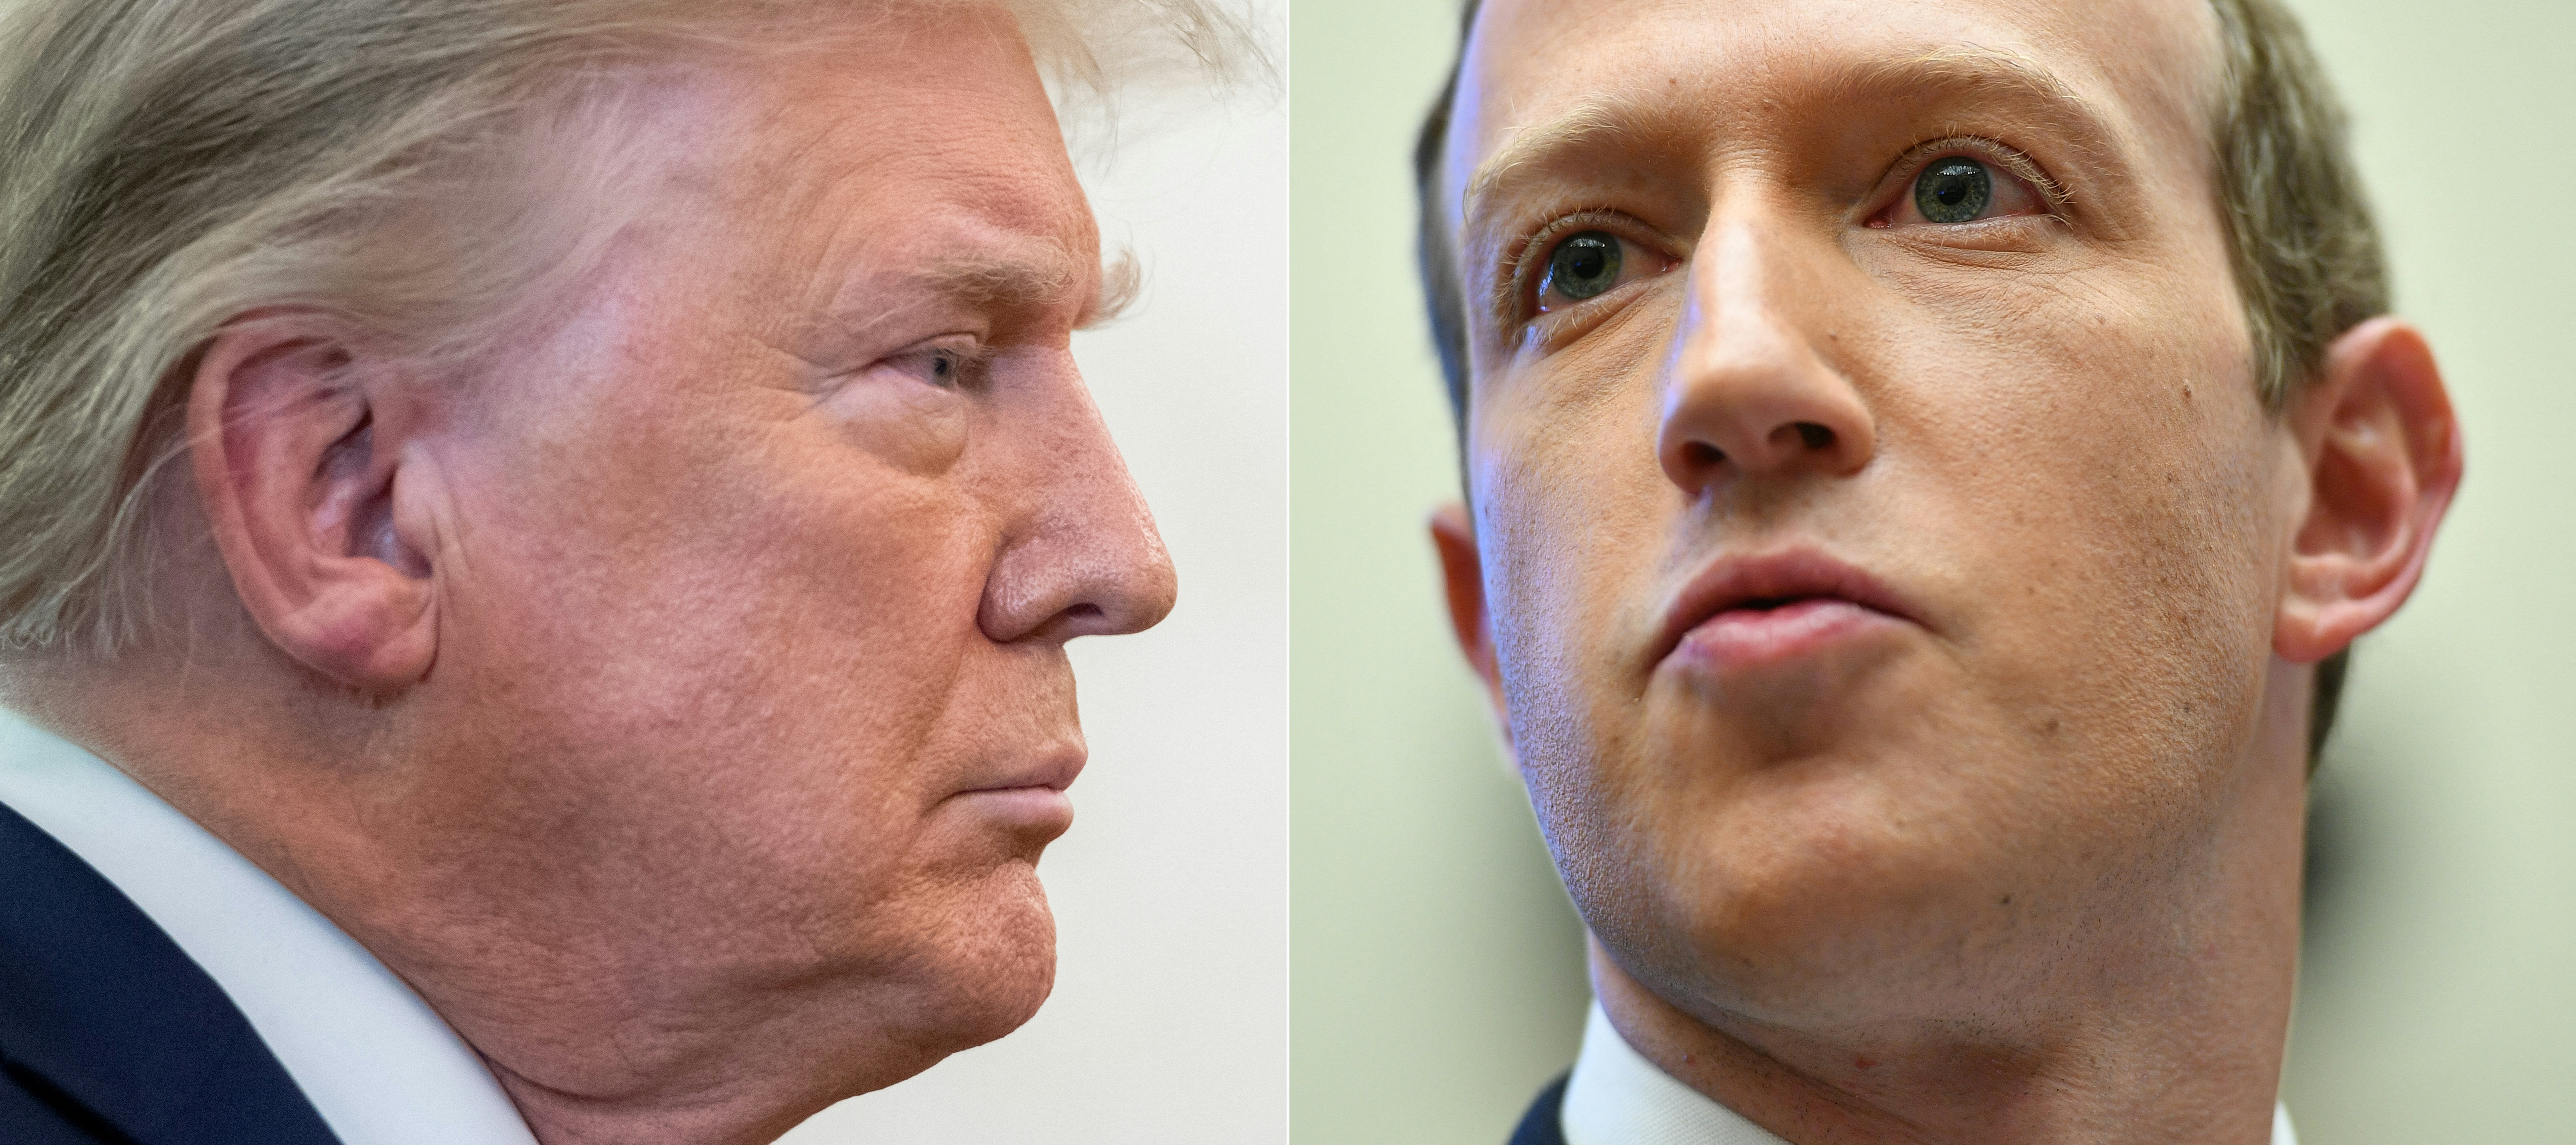 (Em junho, o Facebook anunciou sua decisão de suspender as contas de Trump por dois anos. Foto: MANDEL NGAN, SAUL LOEB / AFP)